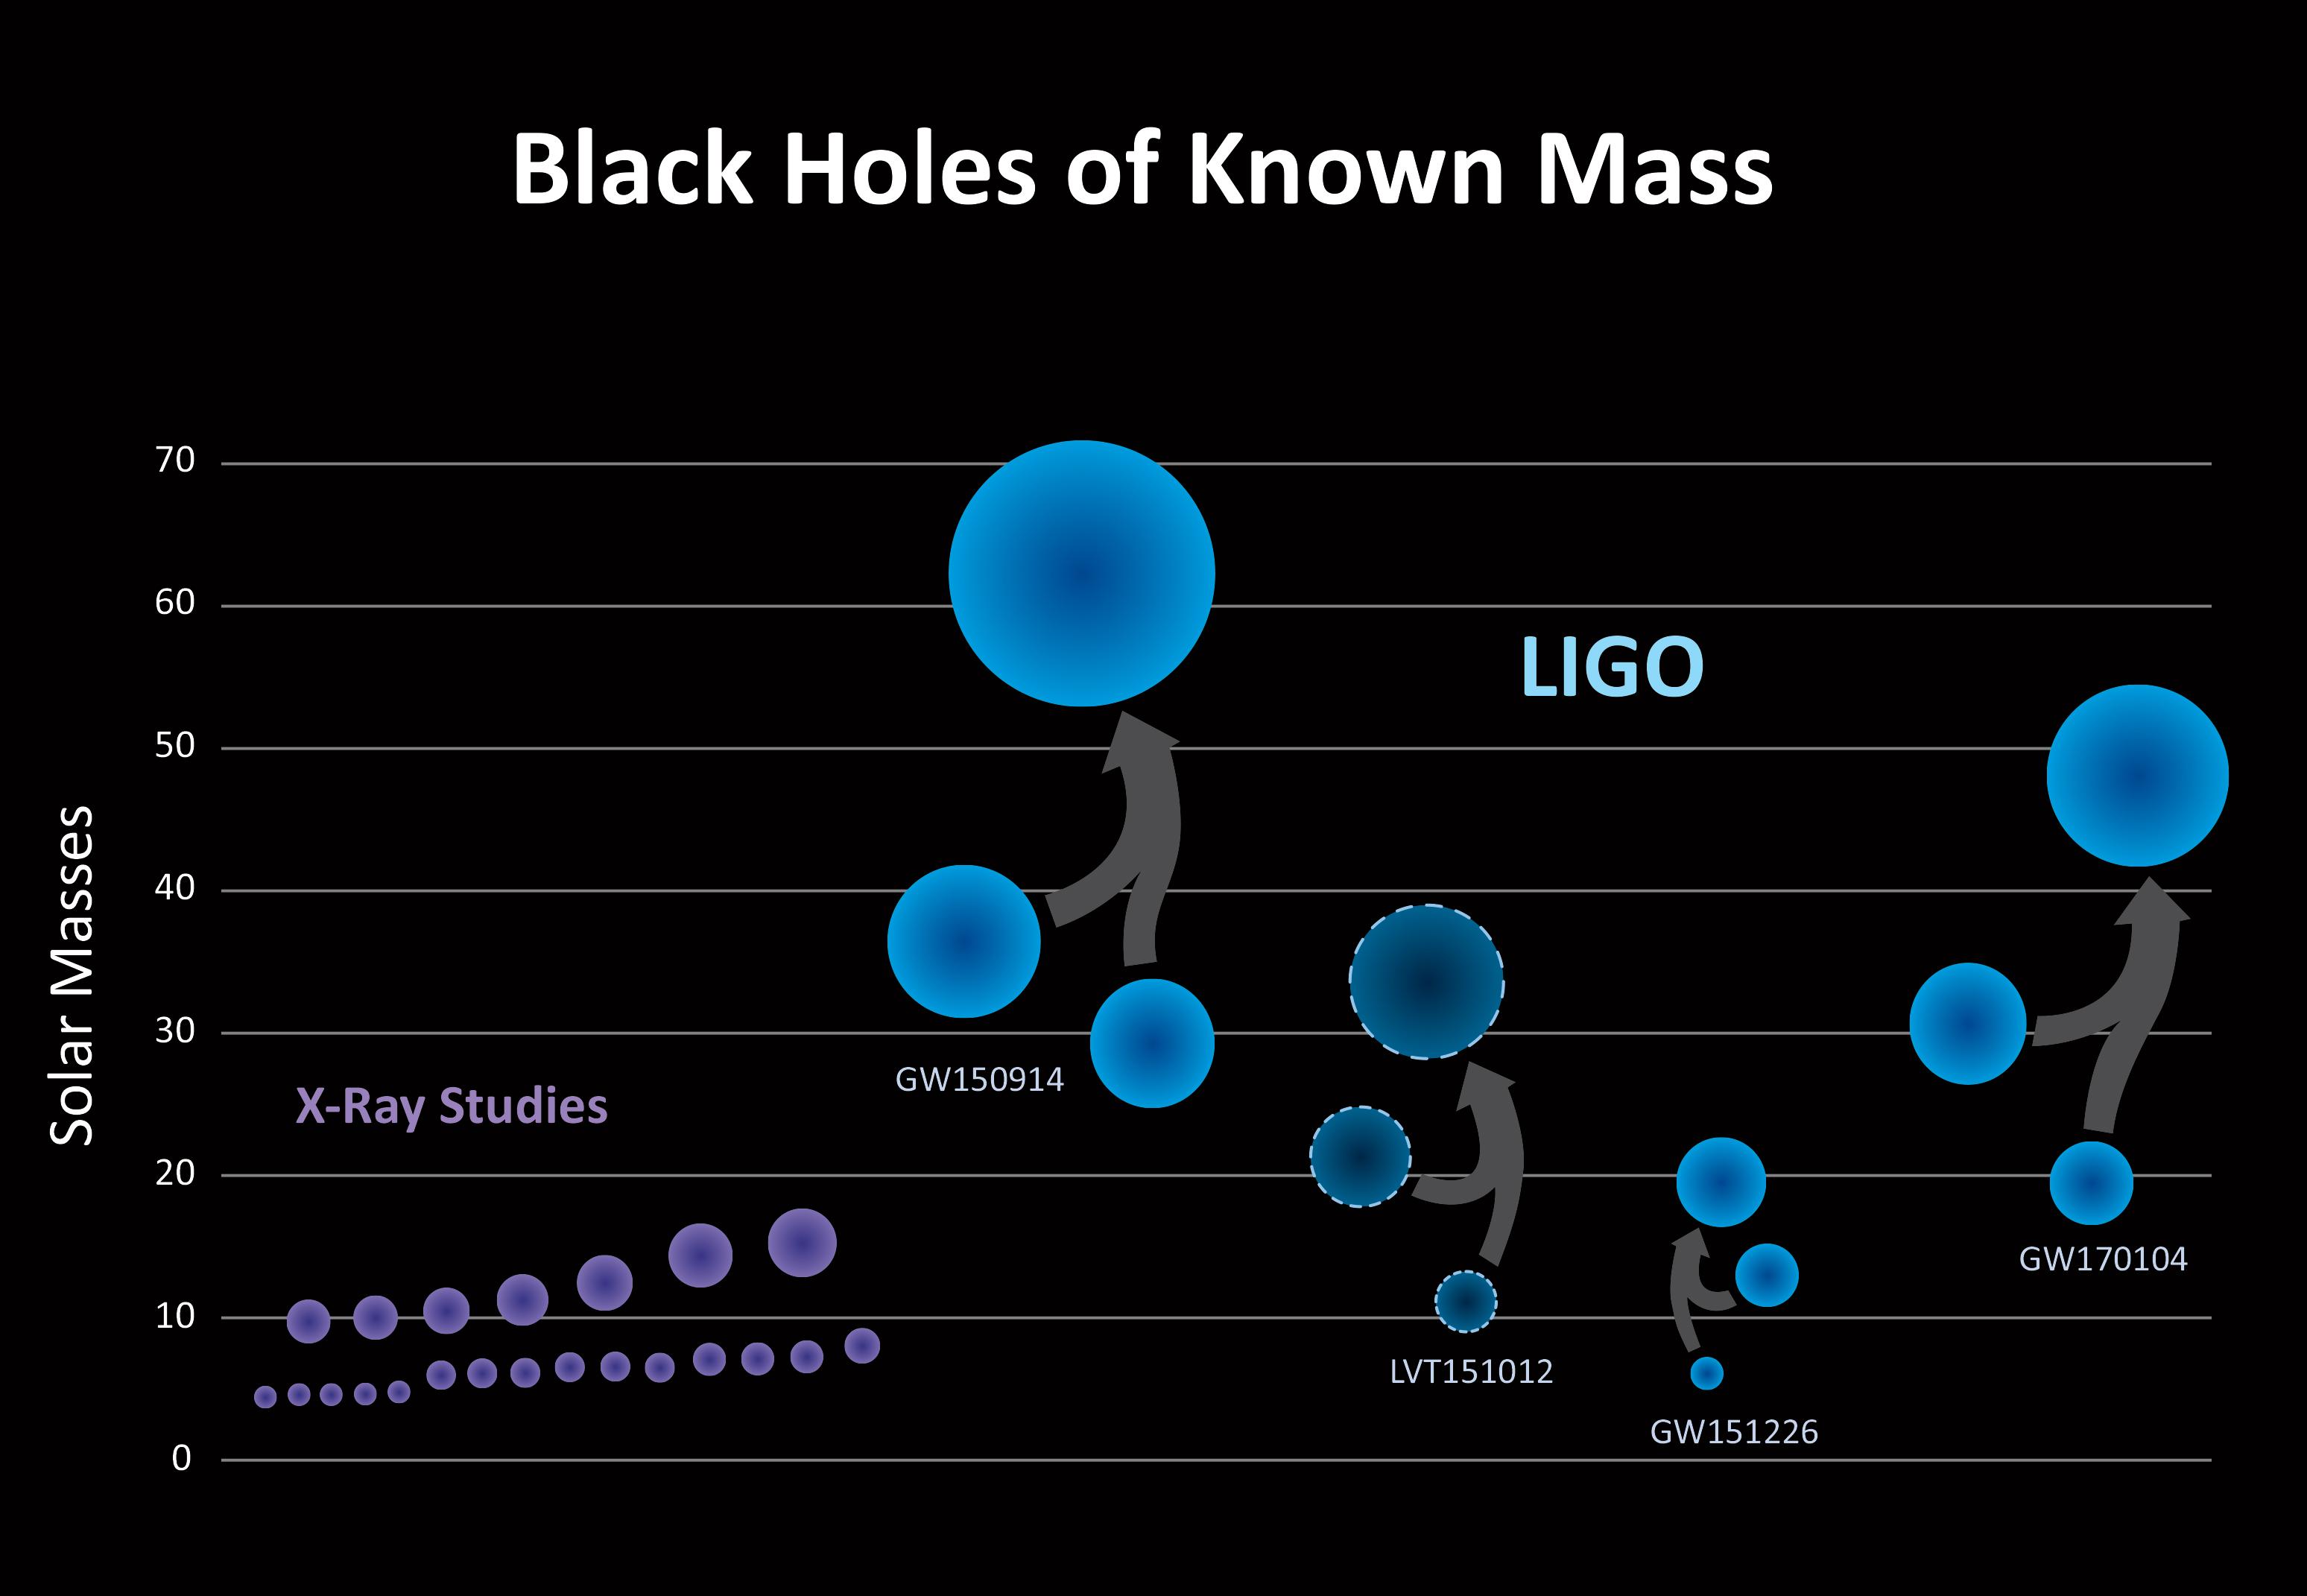 ONDE GRAVITAZIONALI/ Come funzionano i buchi neri? Captato nuovo scontro nello spazio